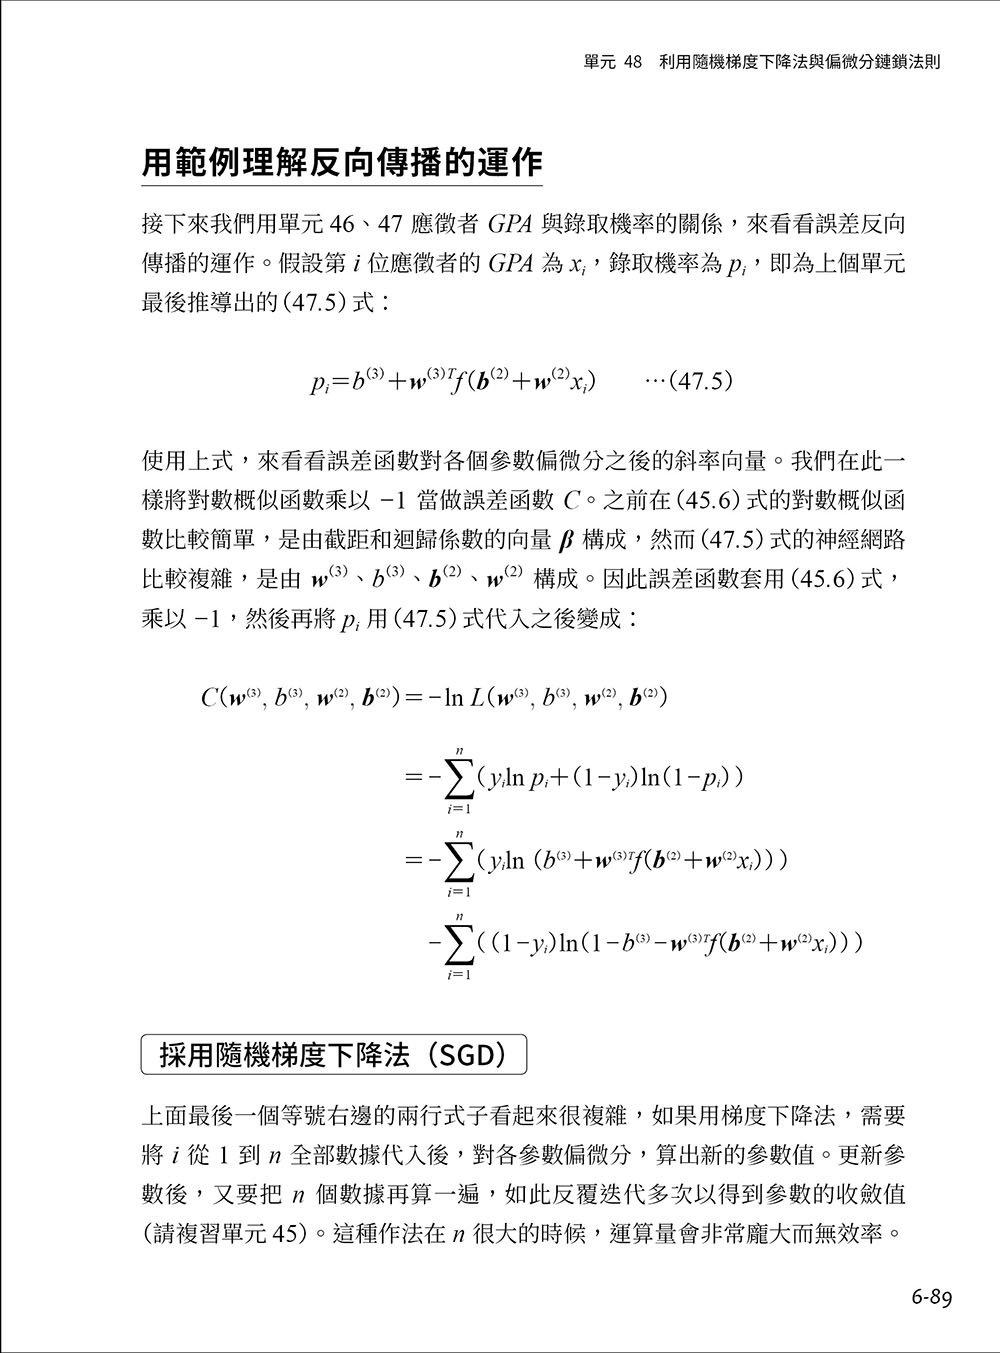 機器學習的數學基礎 : AI、深度學習打底必讀-preview-9